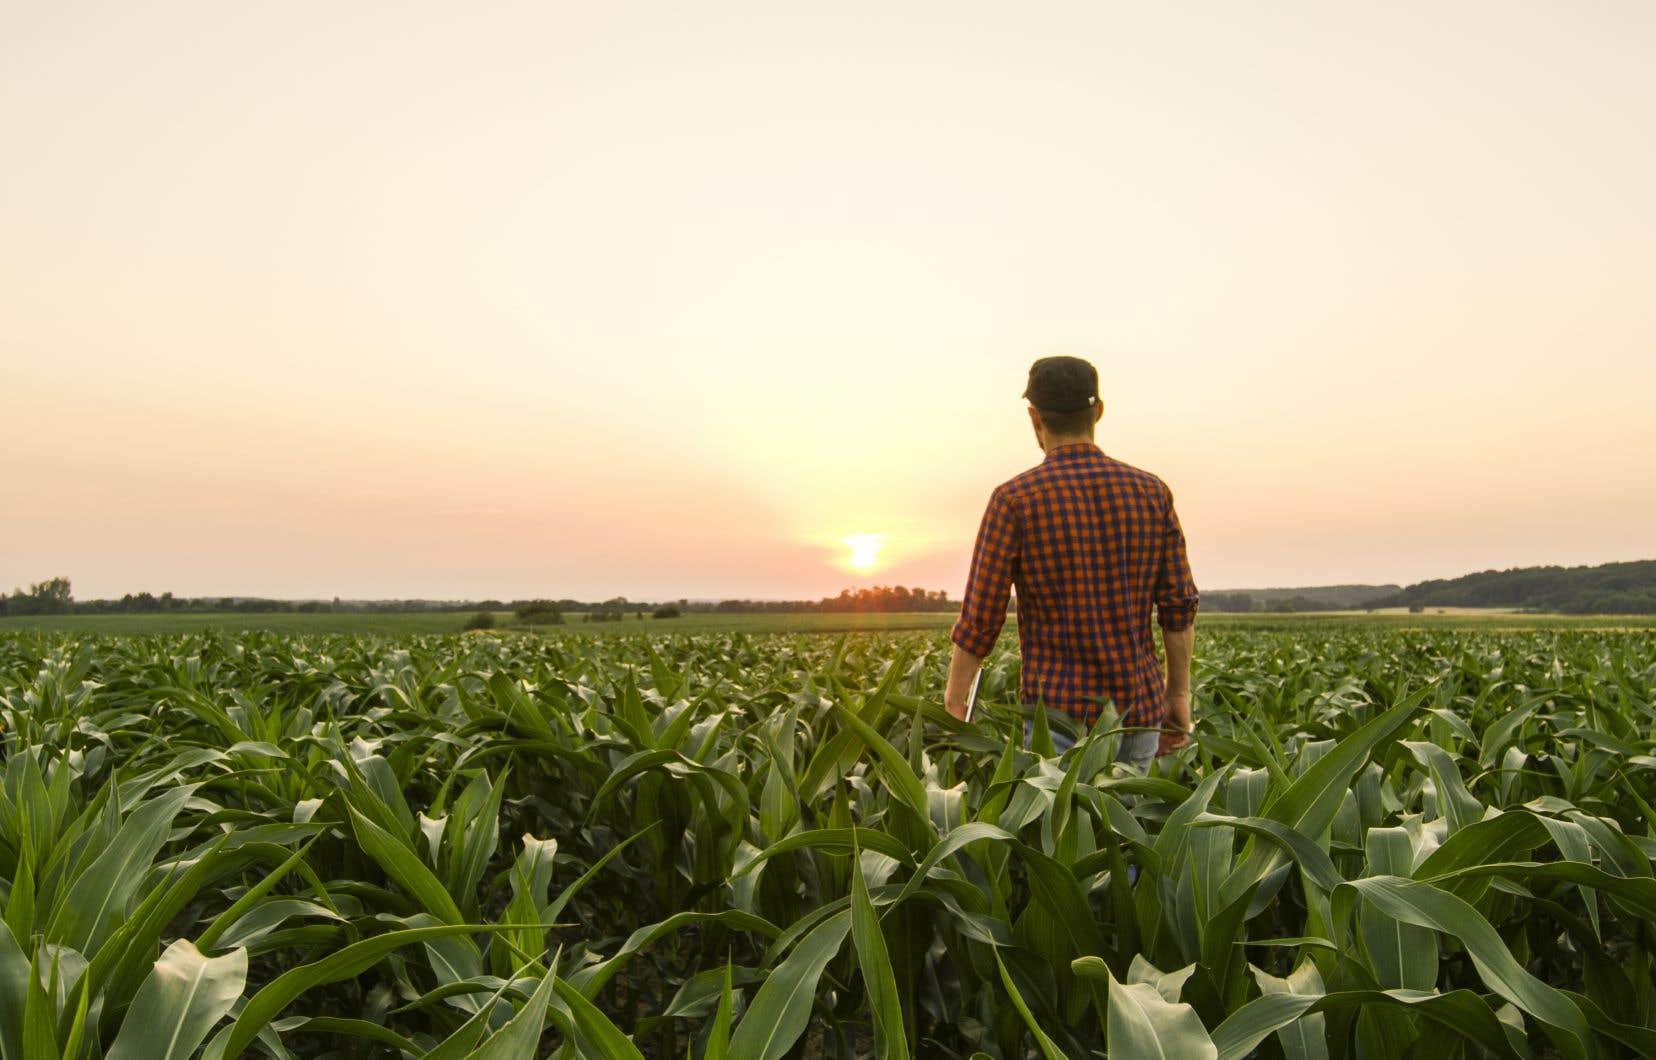 «On peut se nourrir entièrement de notre agriculture canadienne et québécoise, c'est possible», assure le président de l'UPA.